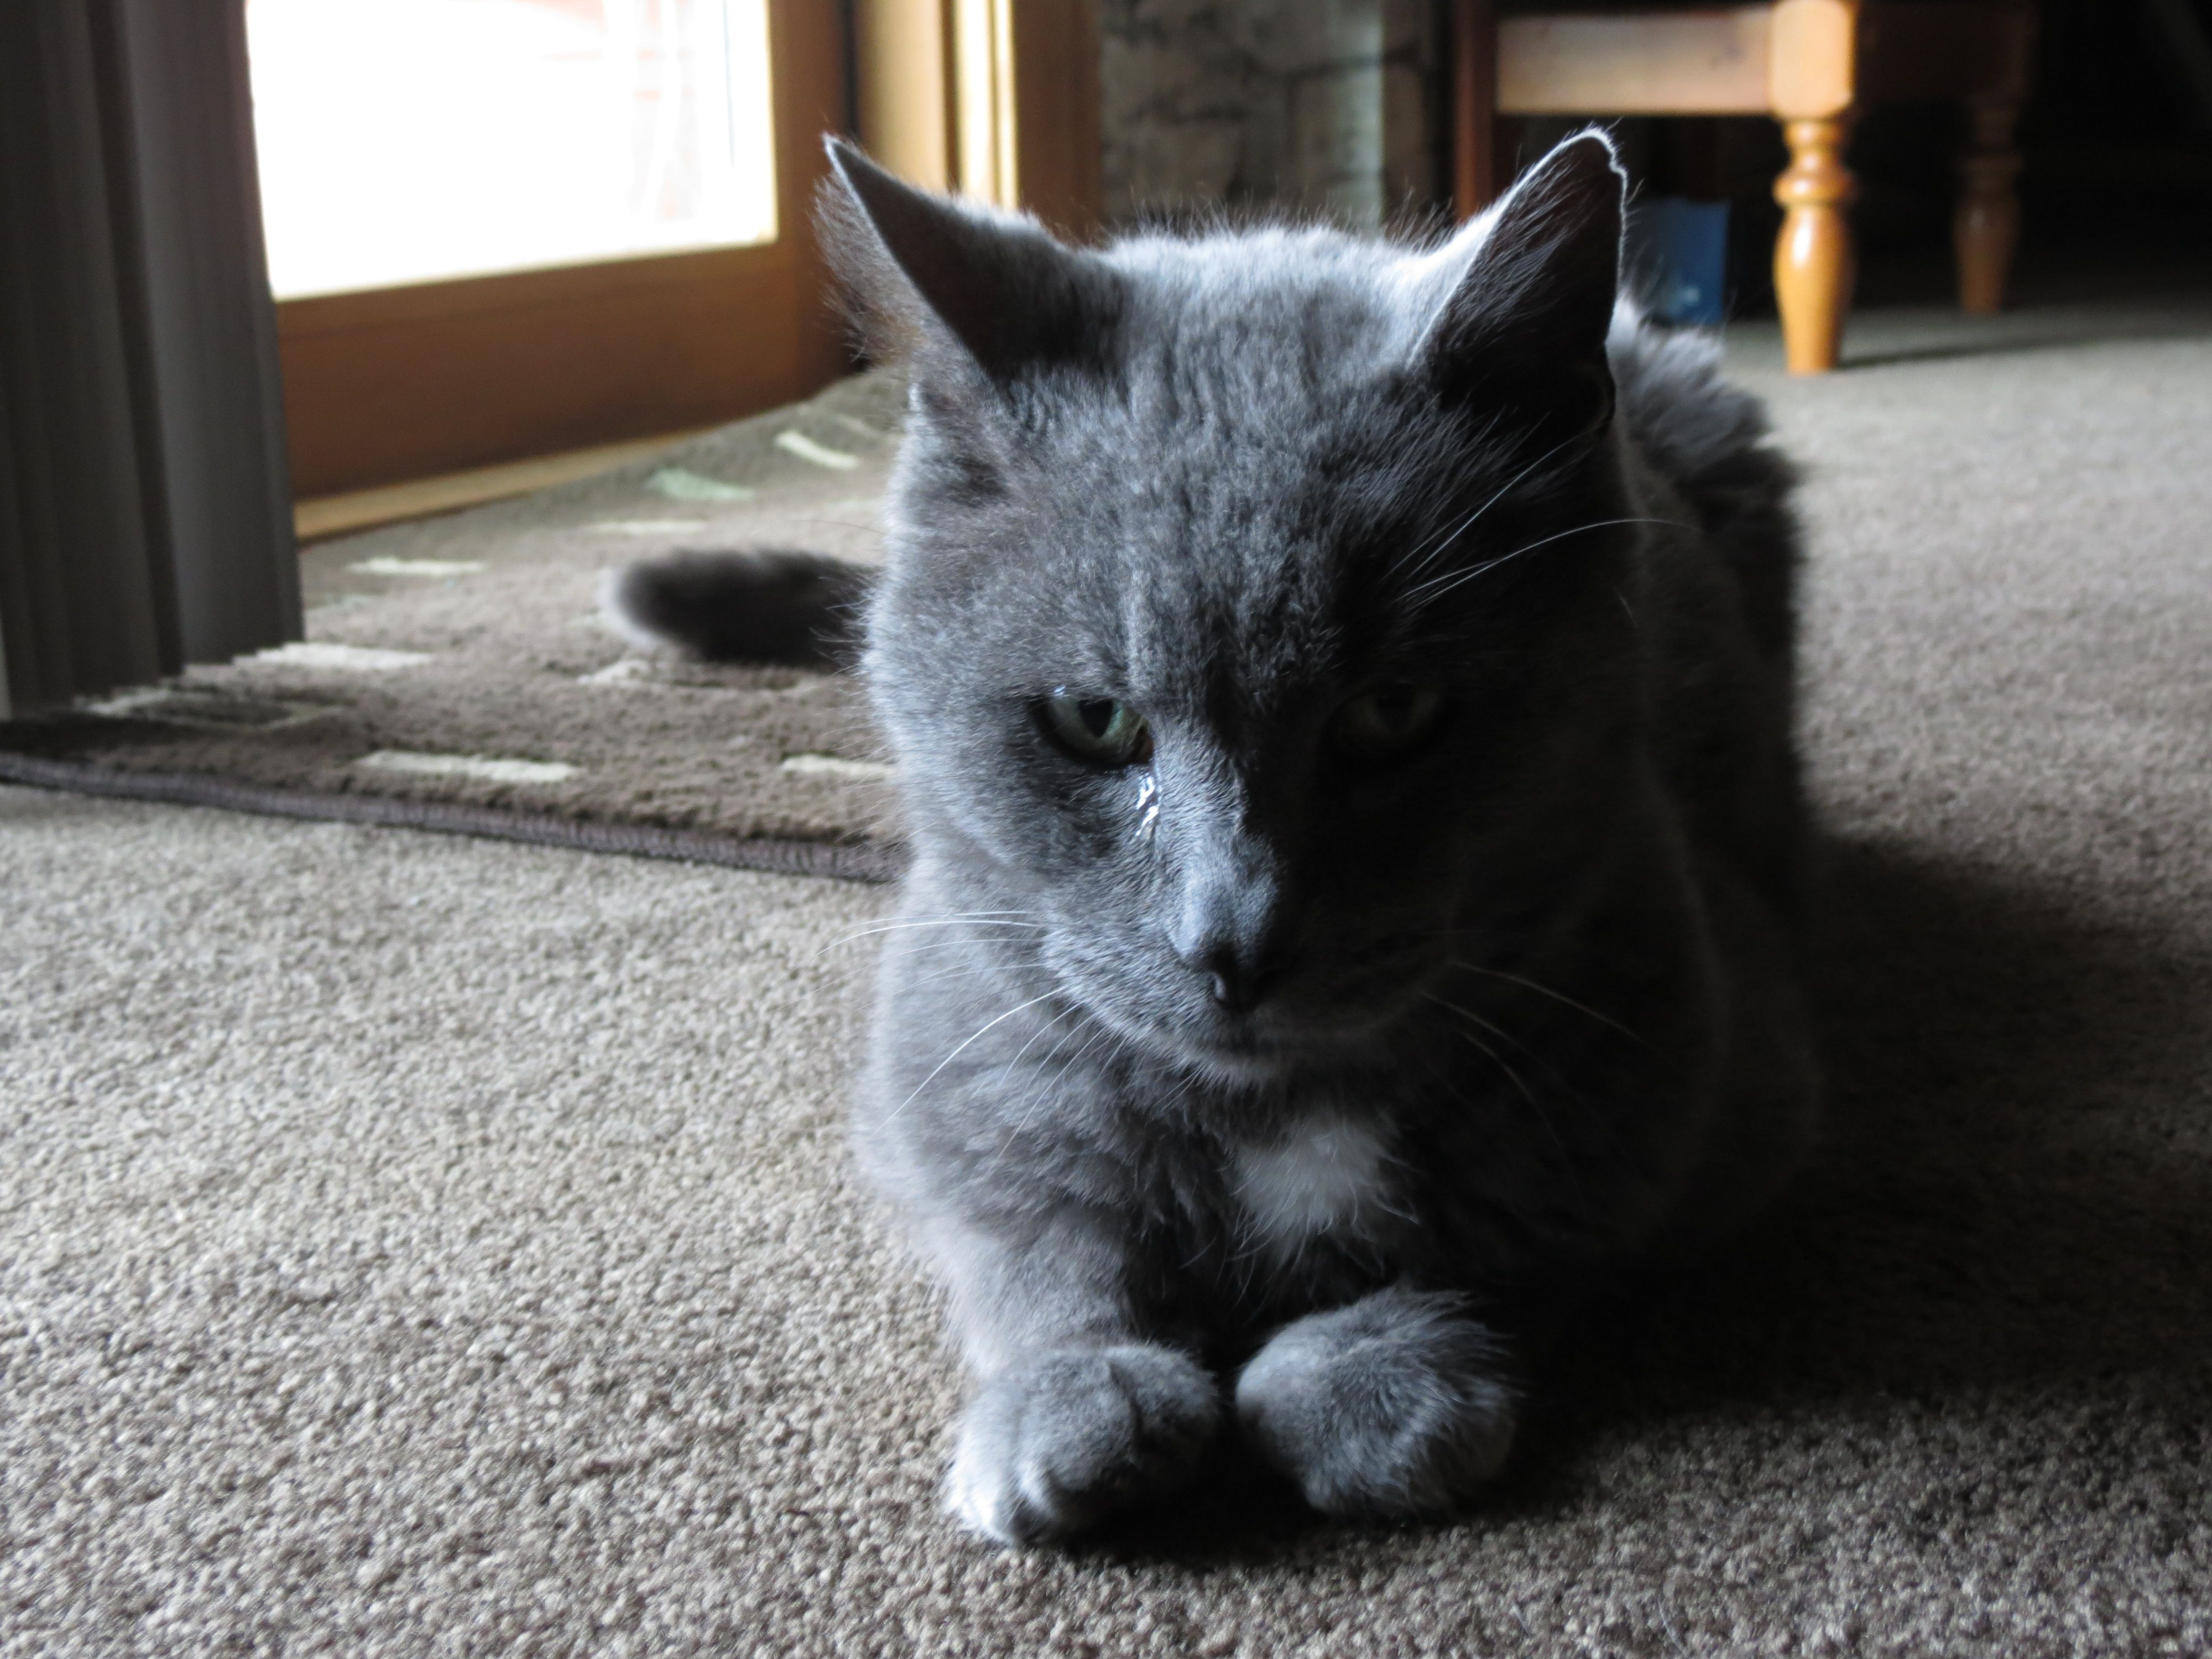 Kittyyyyyyy<3